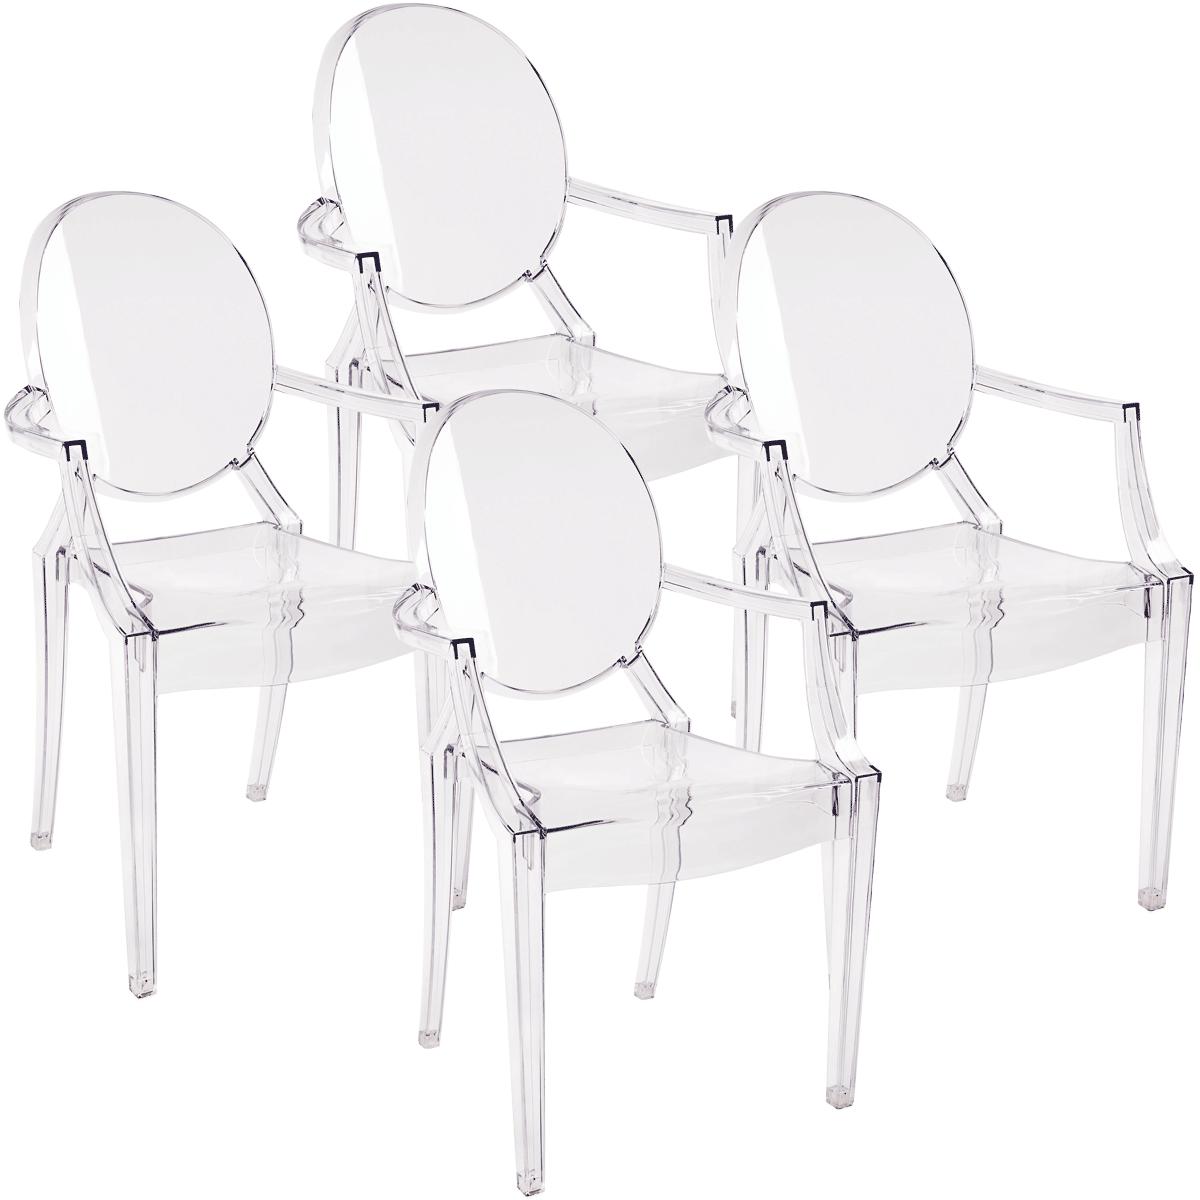 Kit Cadeiras Ghost com Braco x4 - Diversas cores